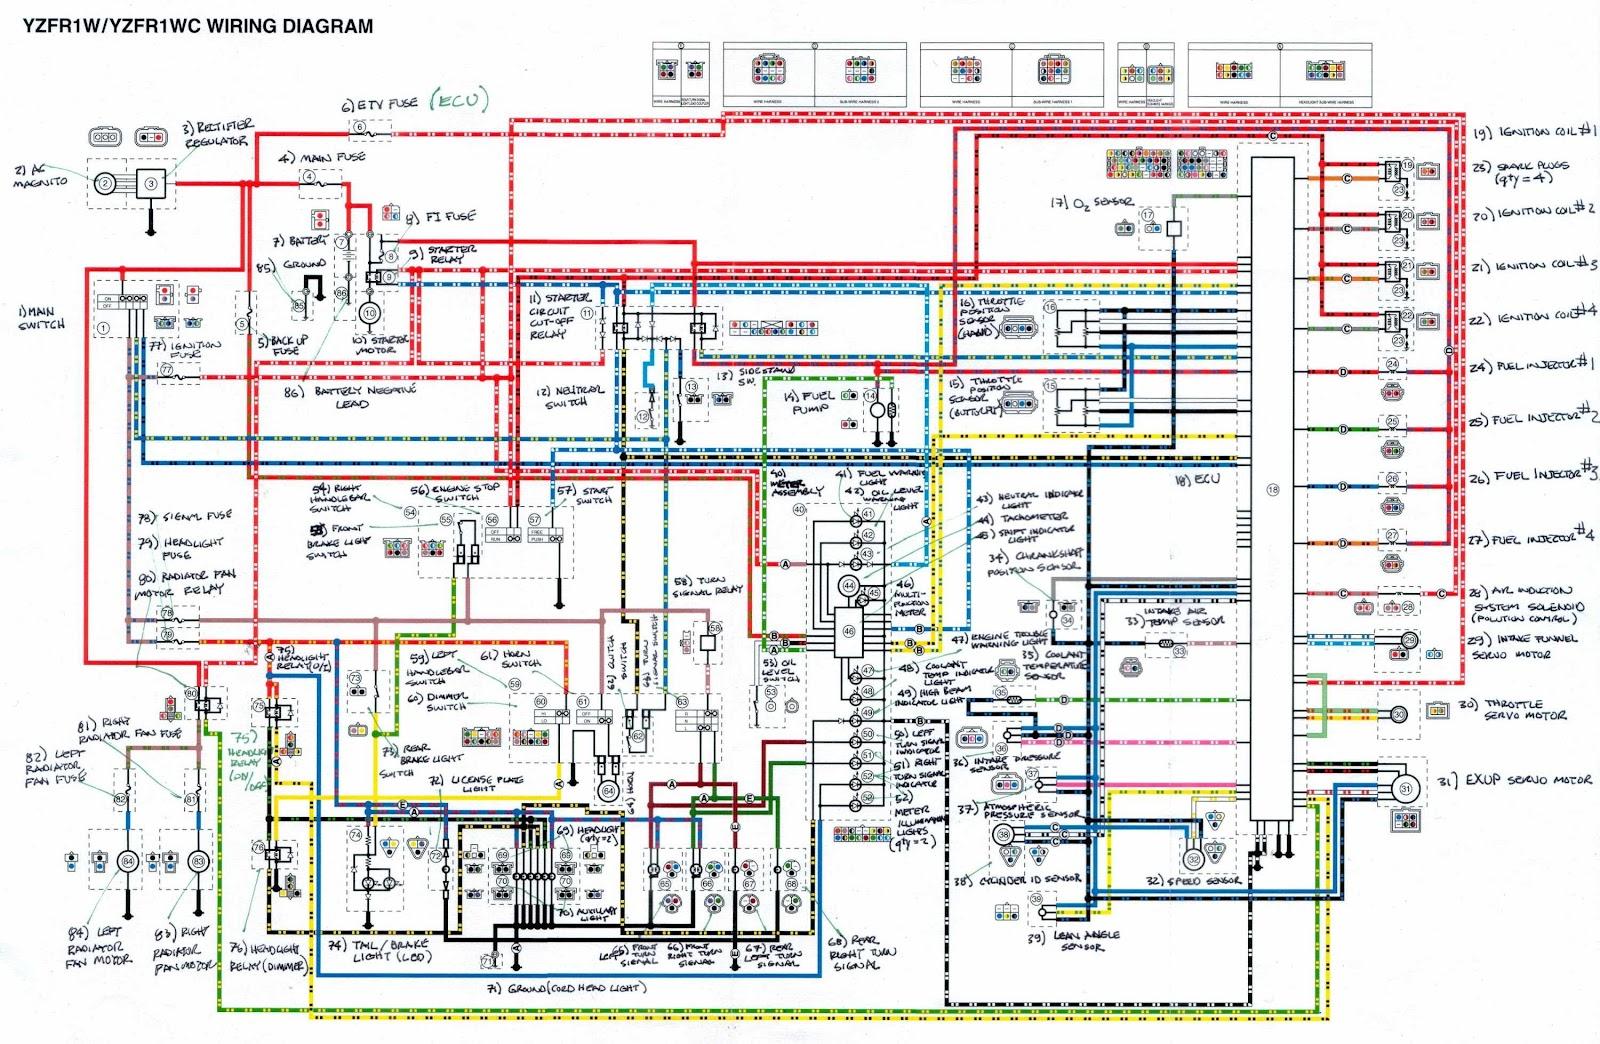 1969 mustang electrical wiring diagram